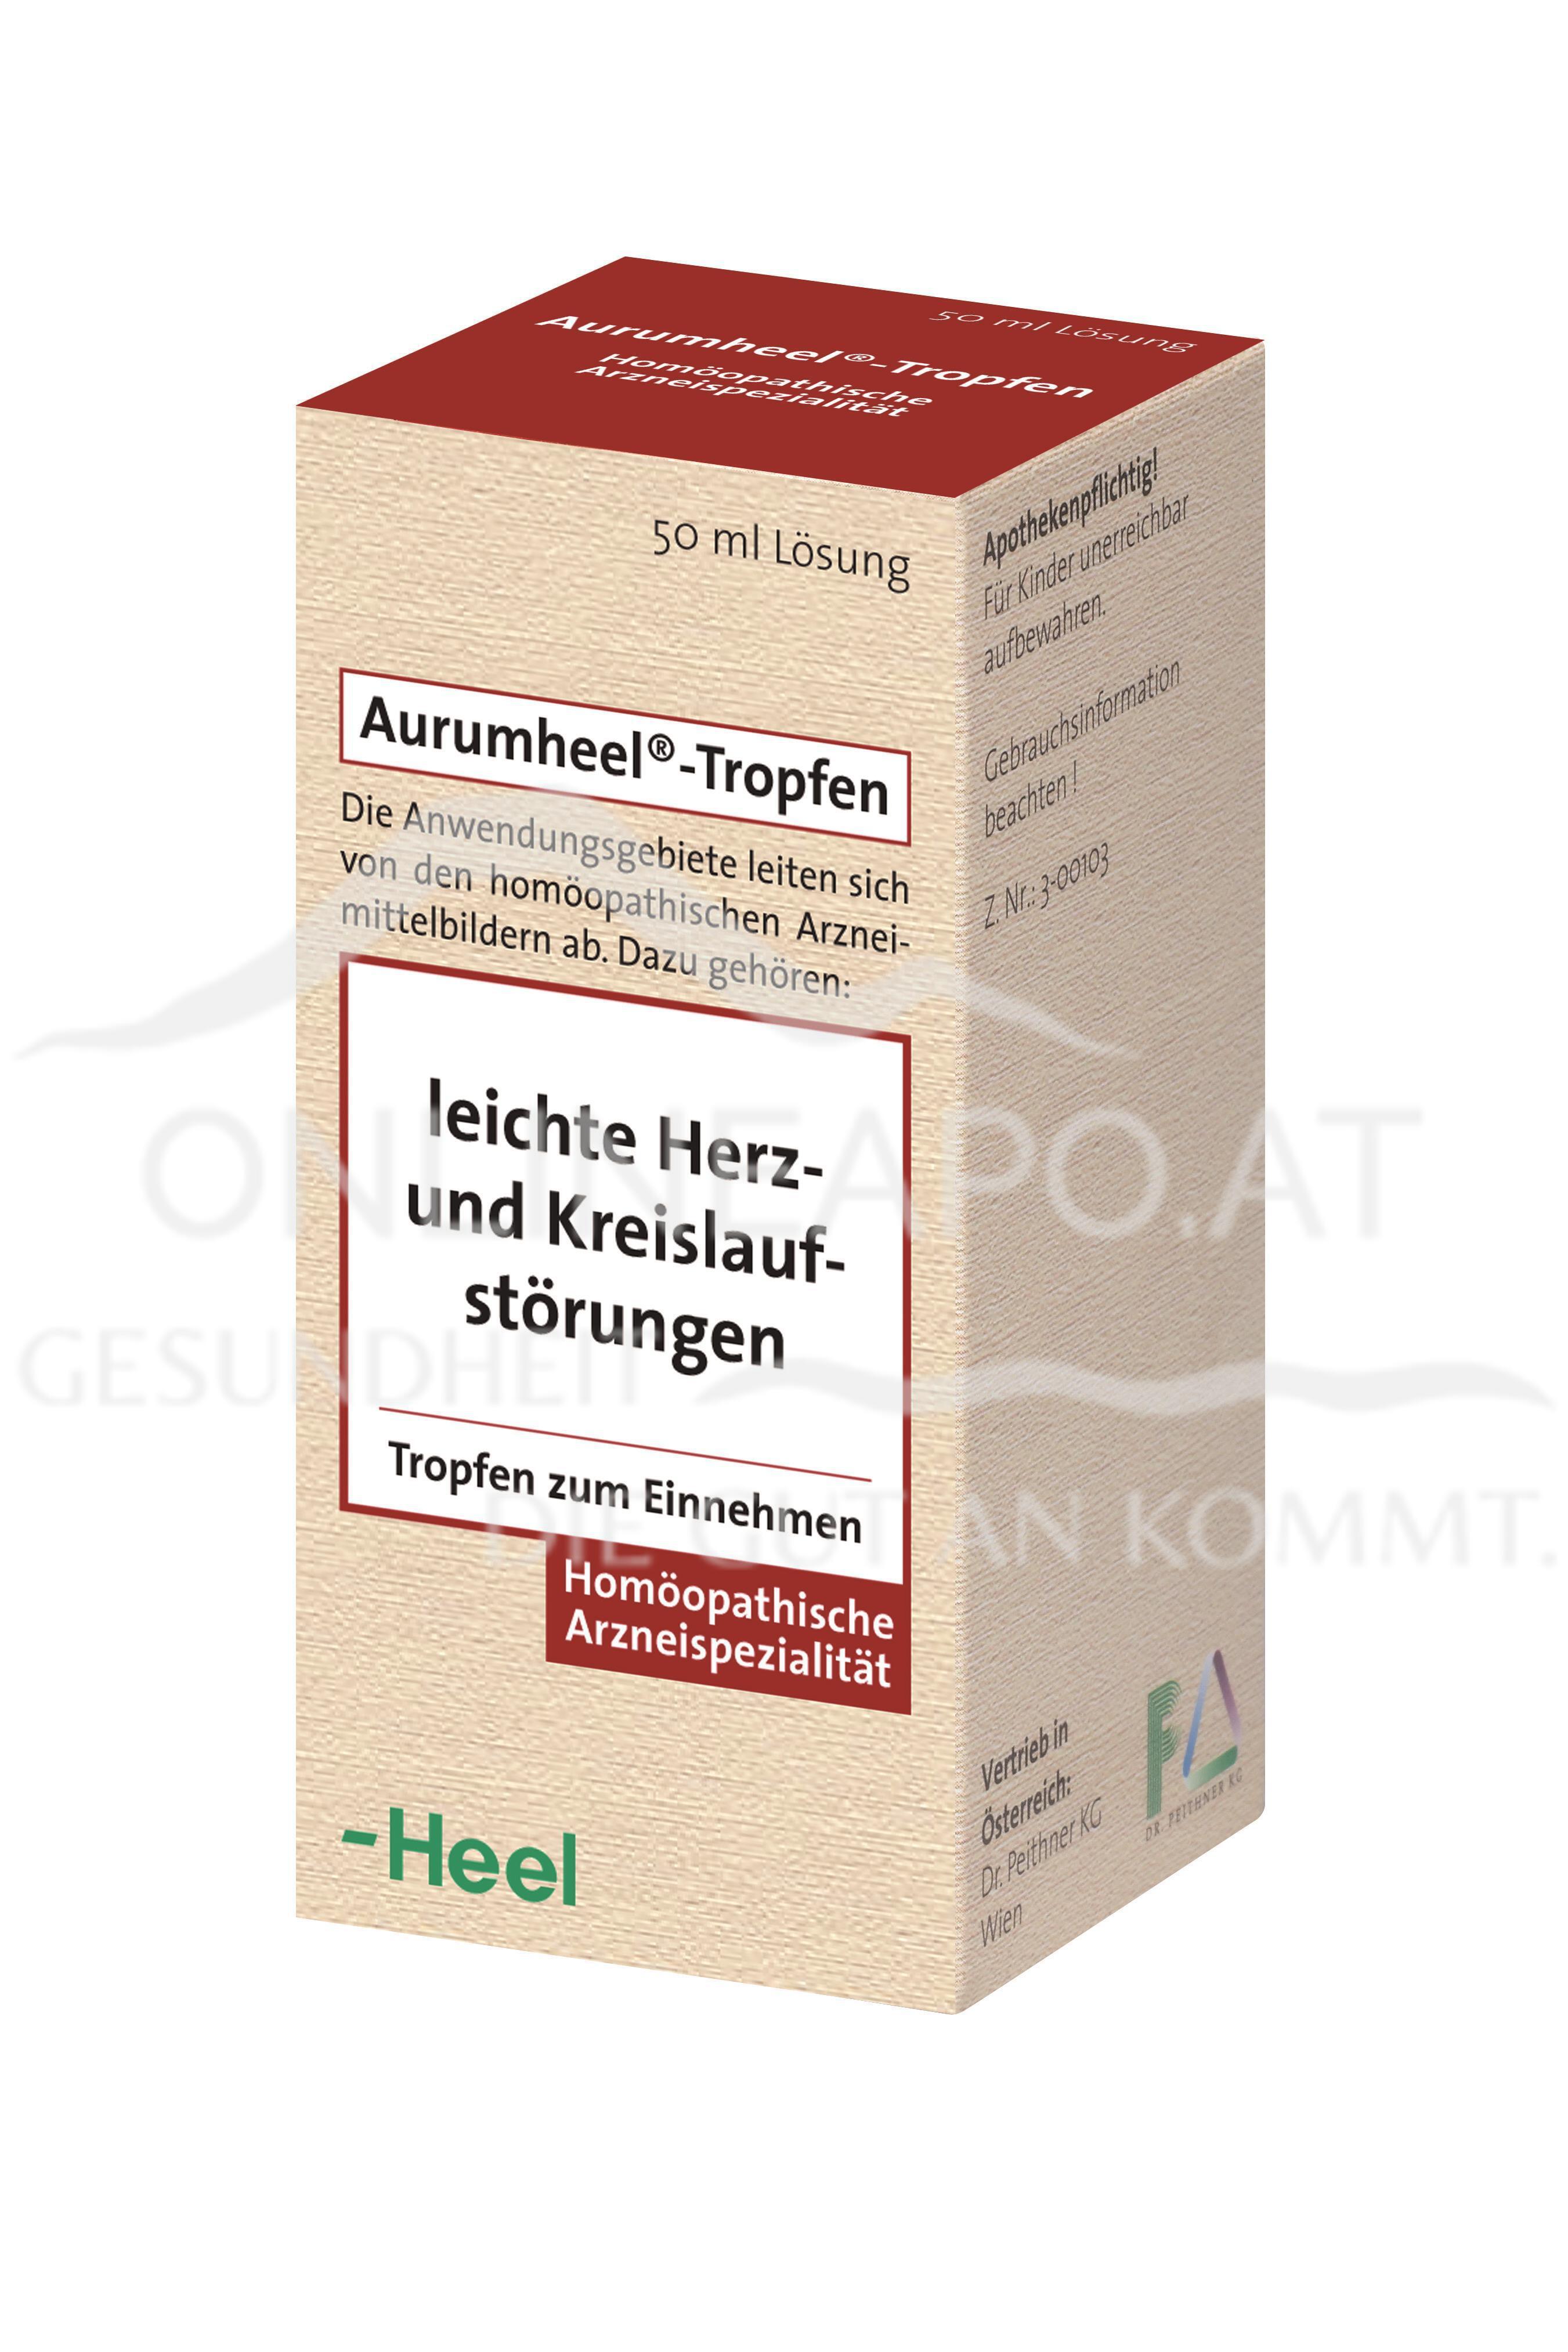 Aurumheel®